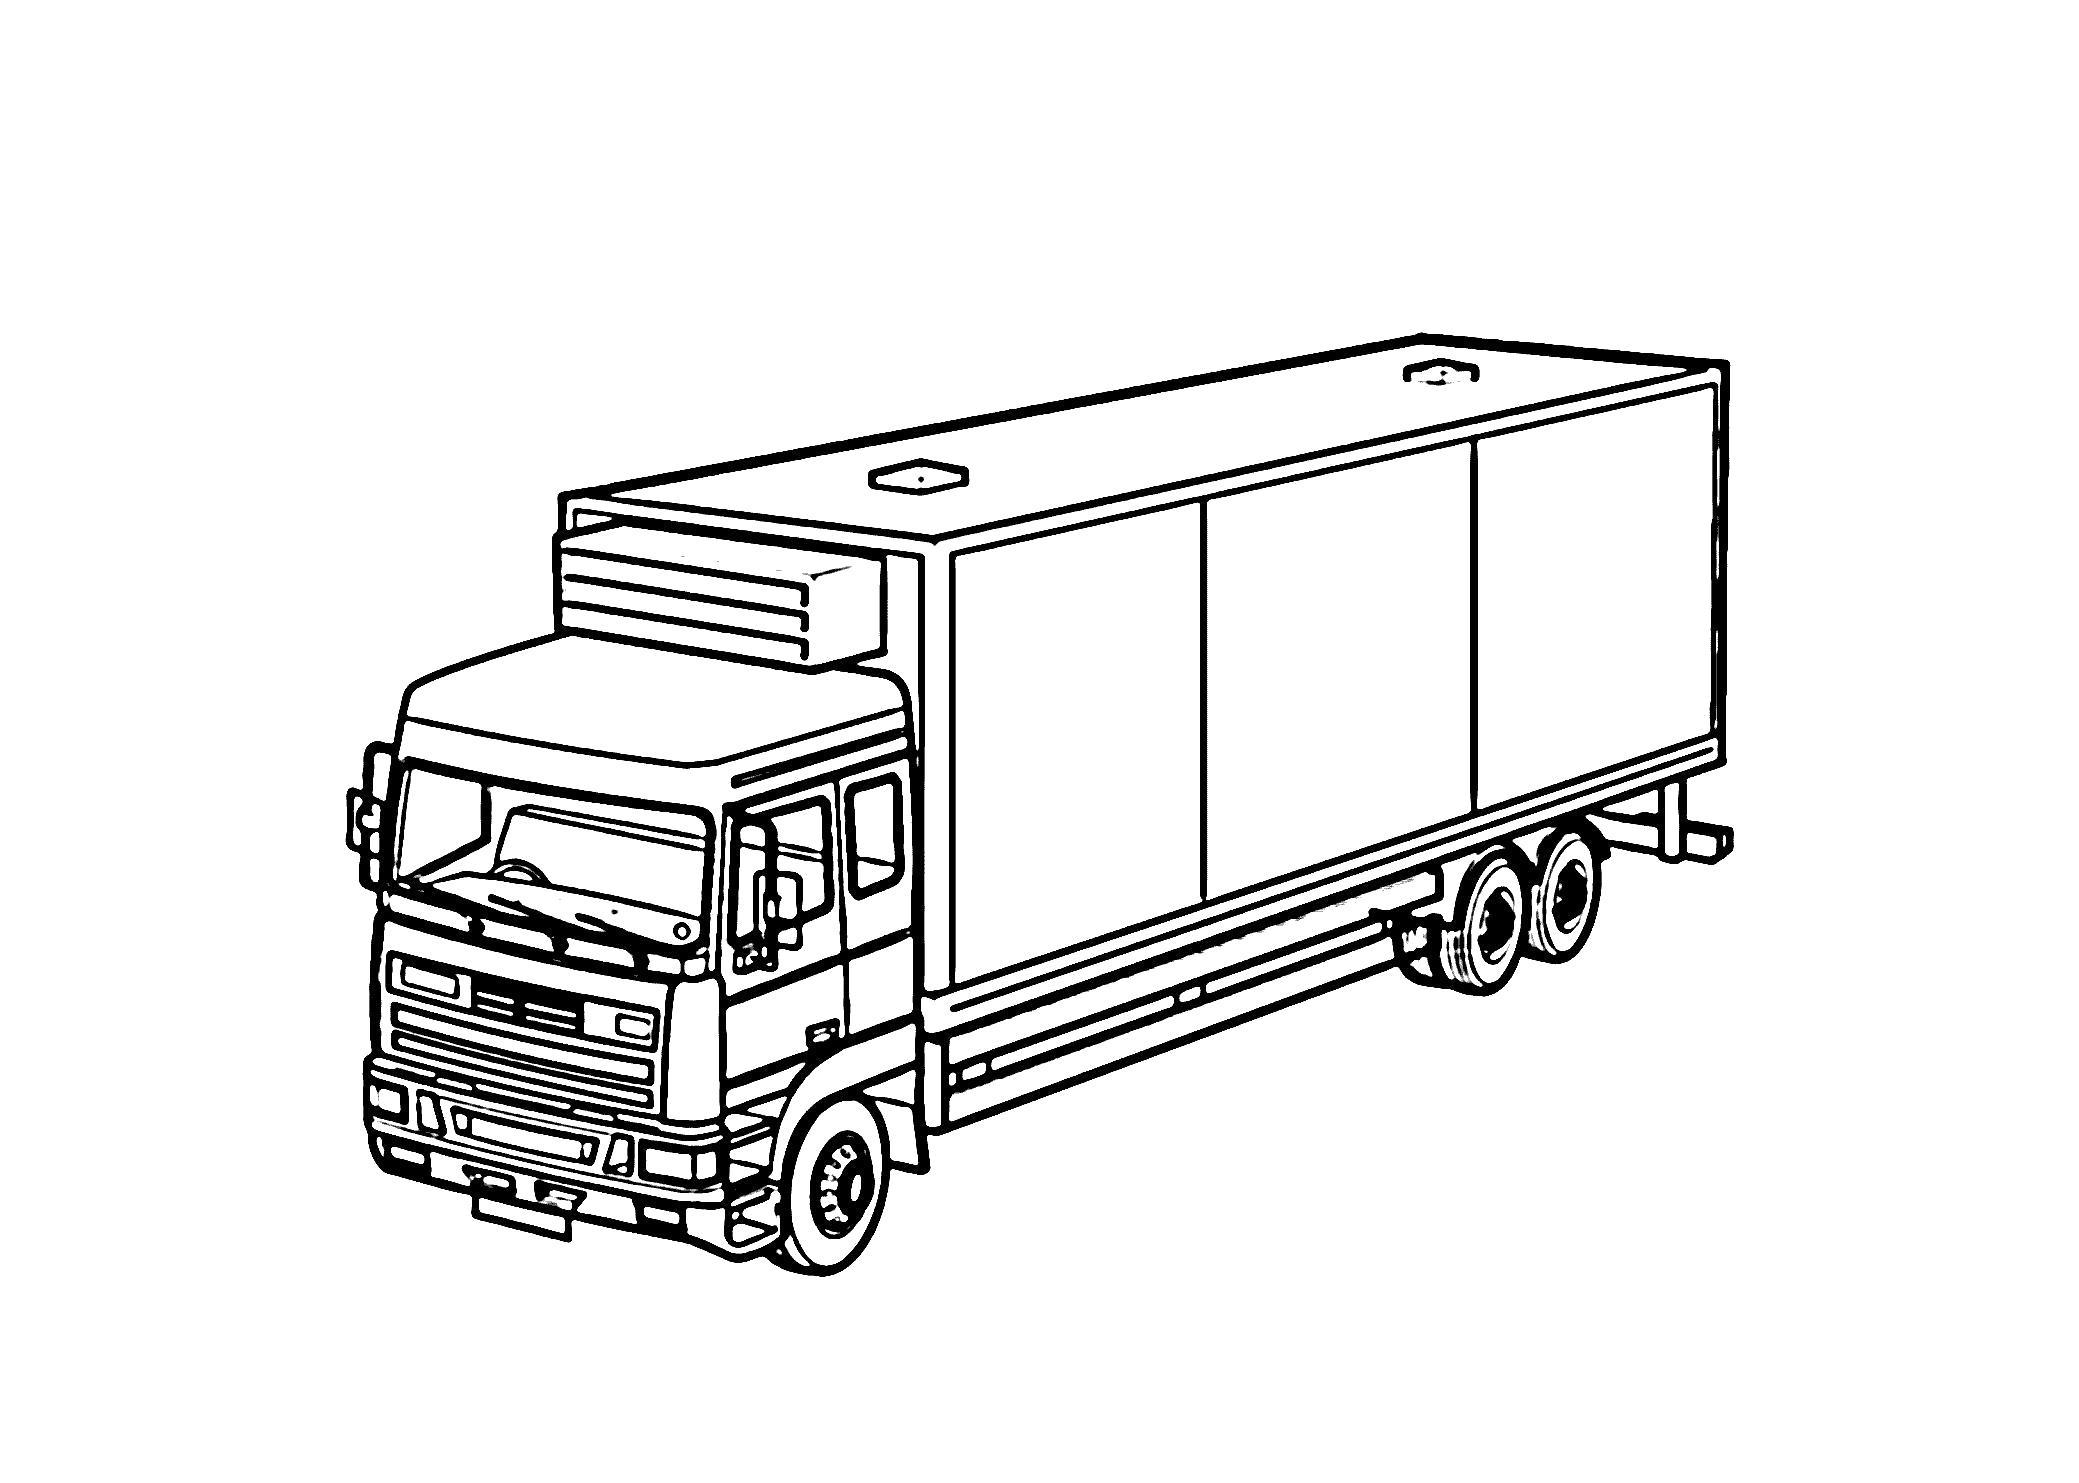 отличный картинки грузовых машин для раскрашивания рассказал